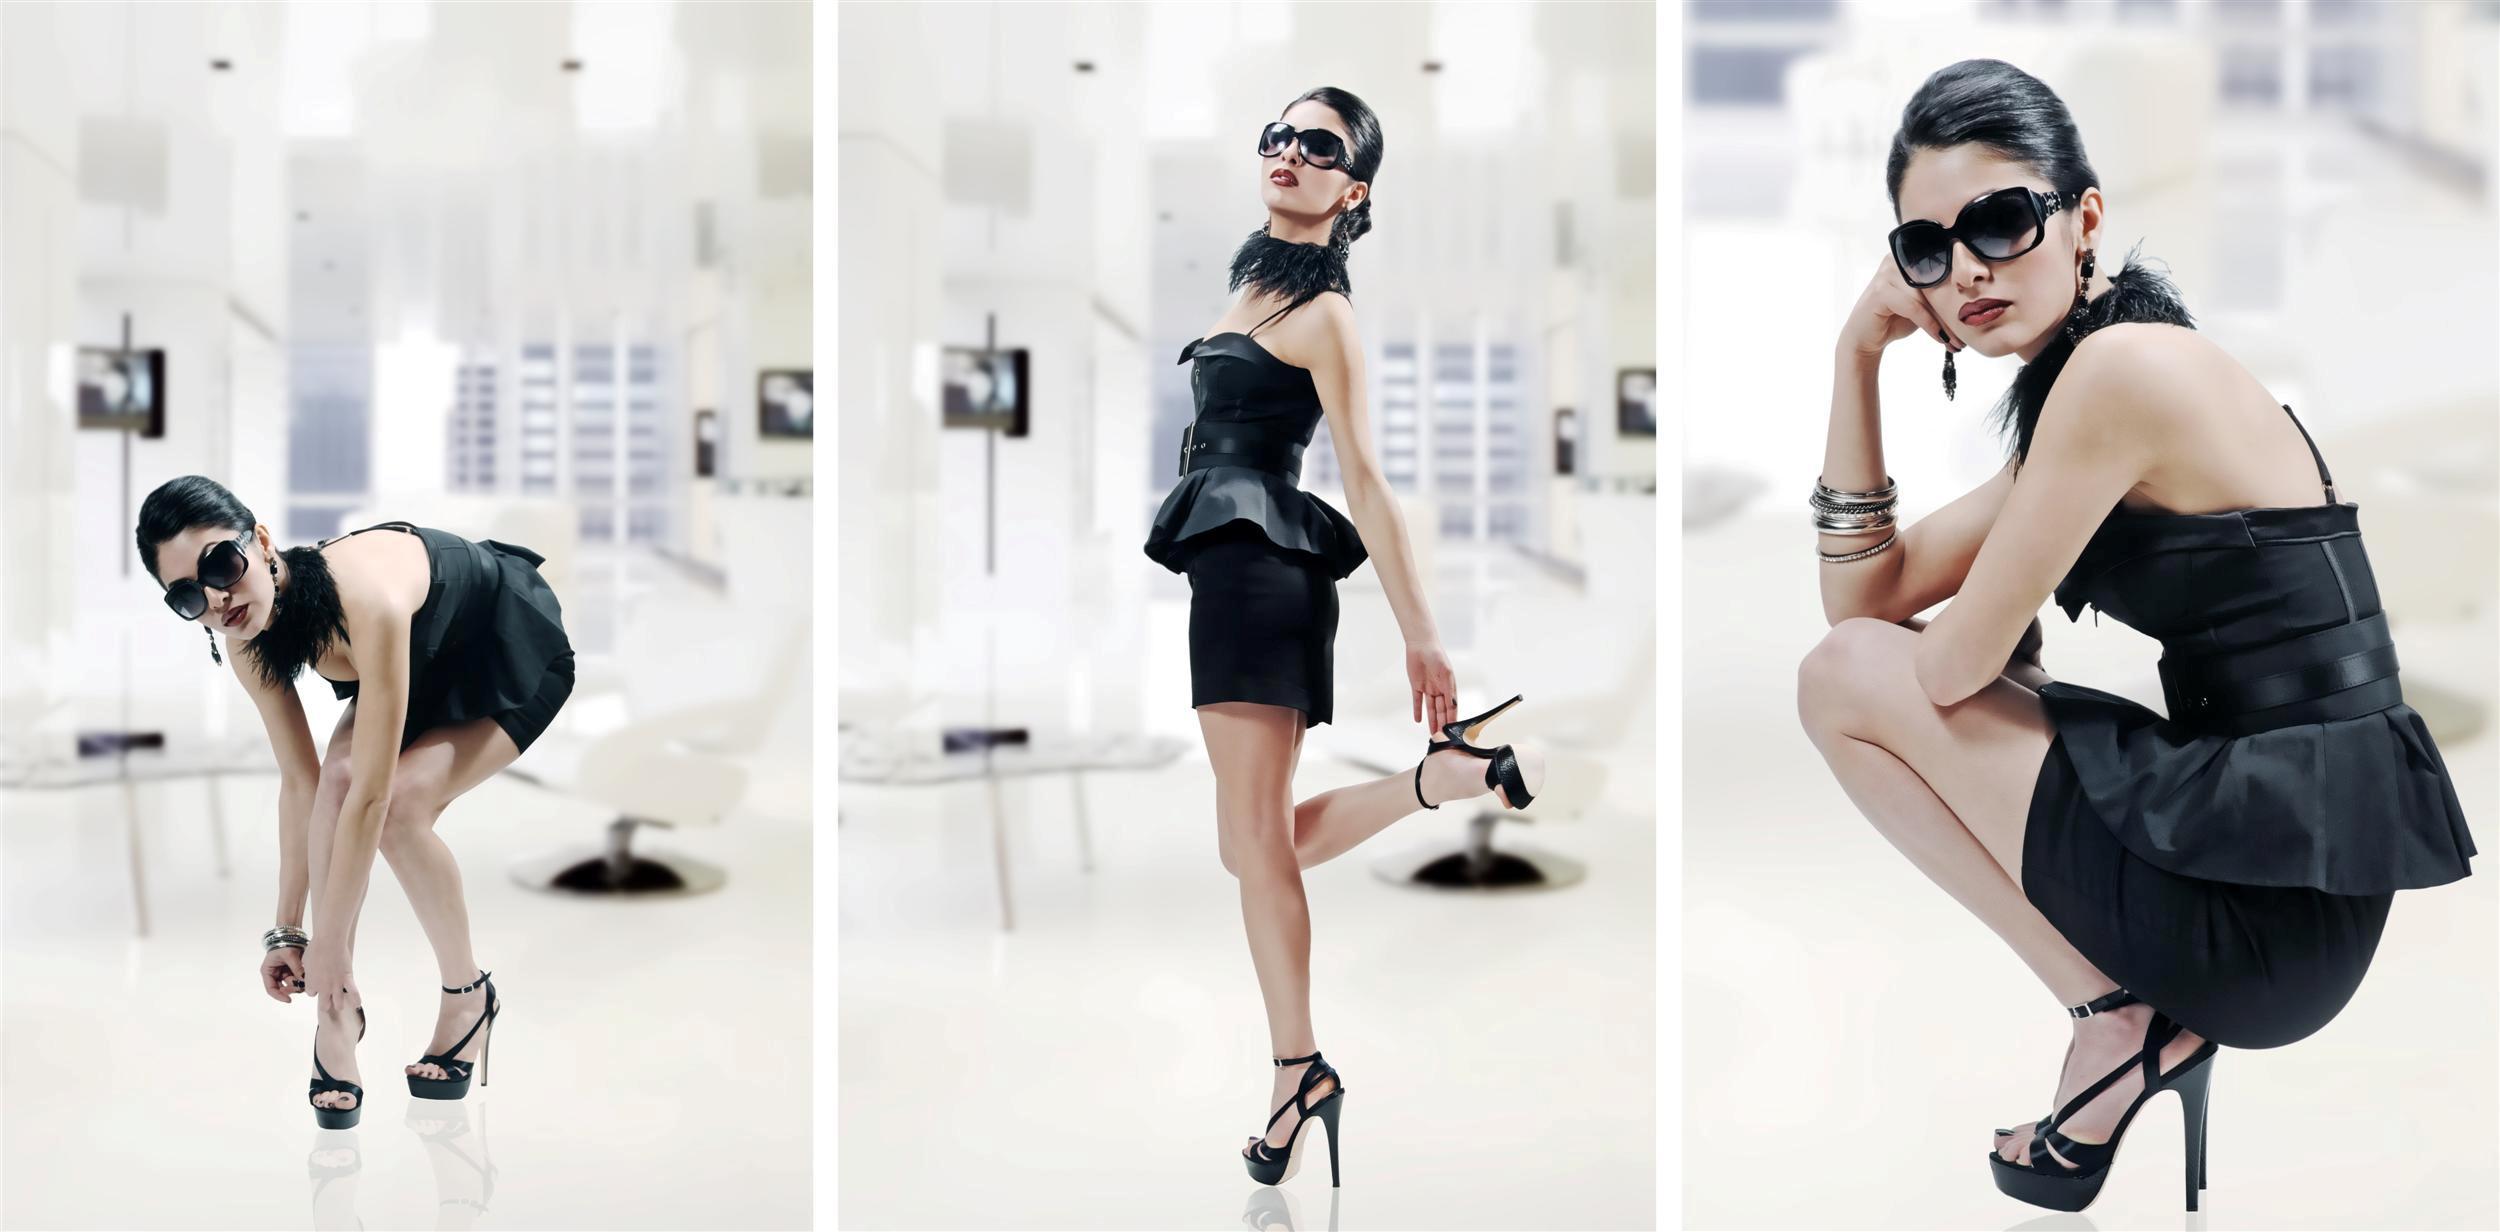 Фотографируем моделей одежды